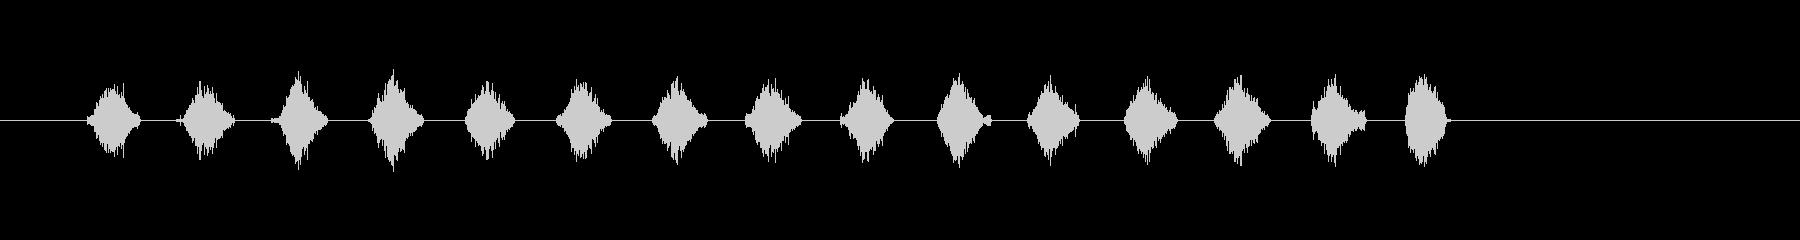 ガラス紙4の未再生の波形